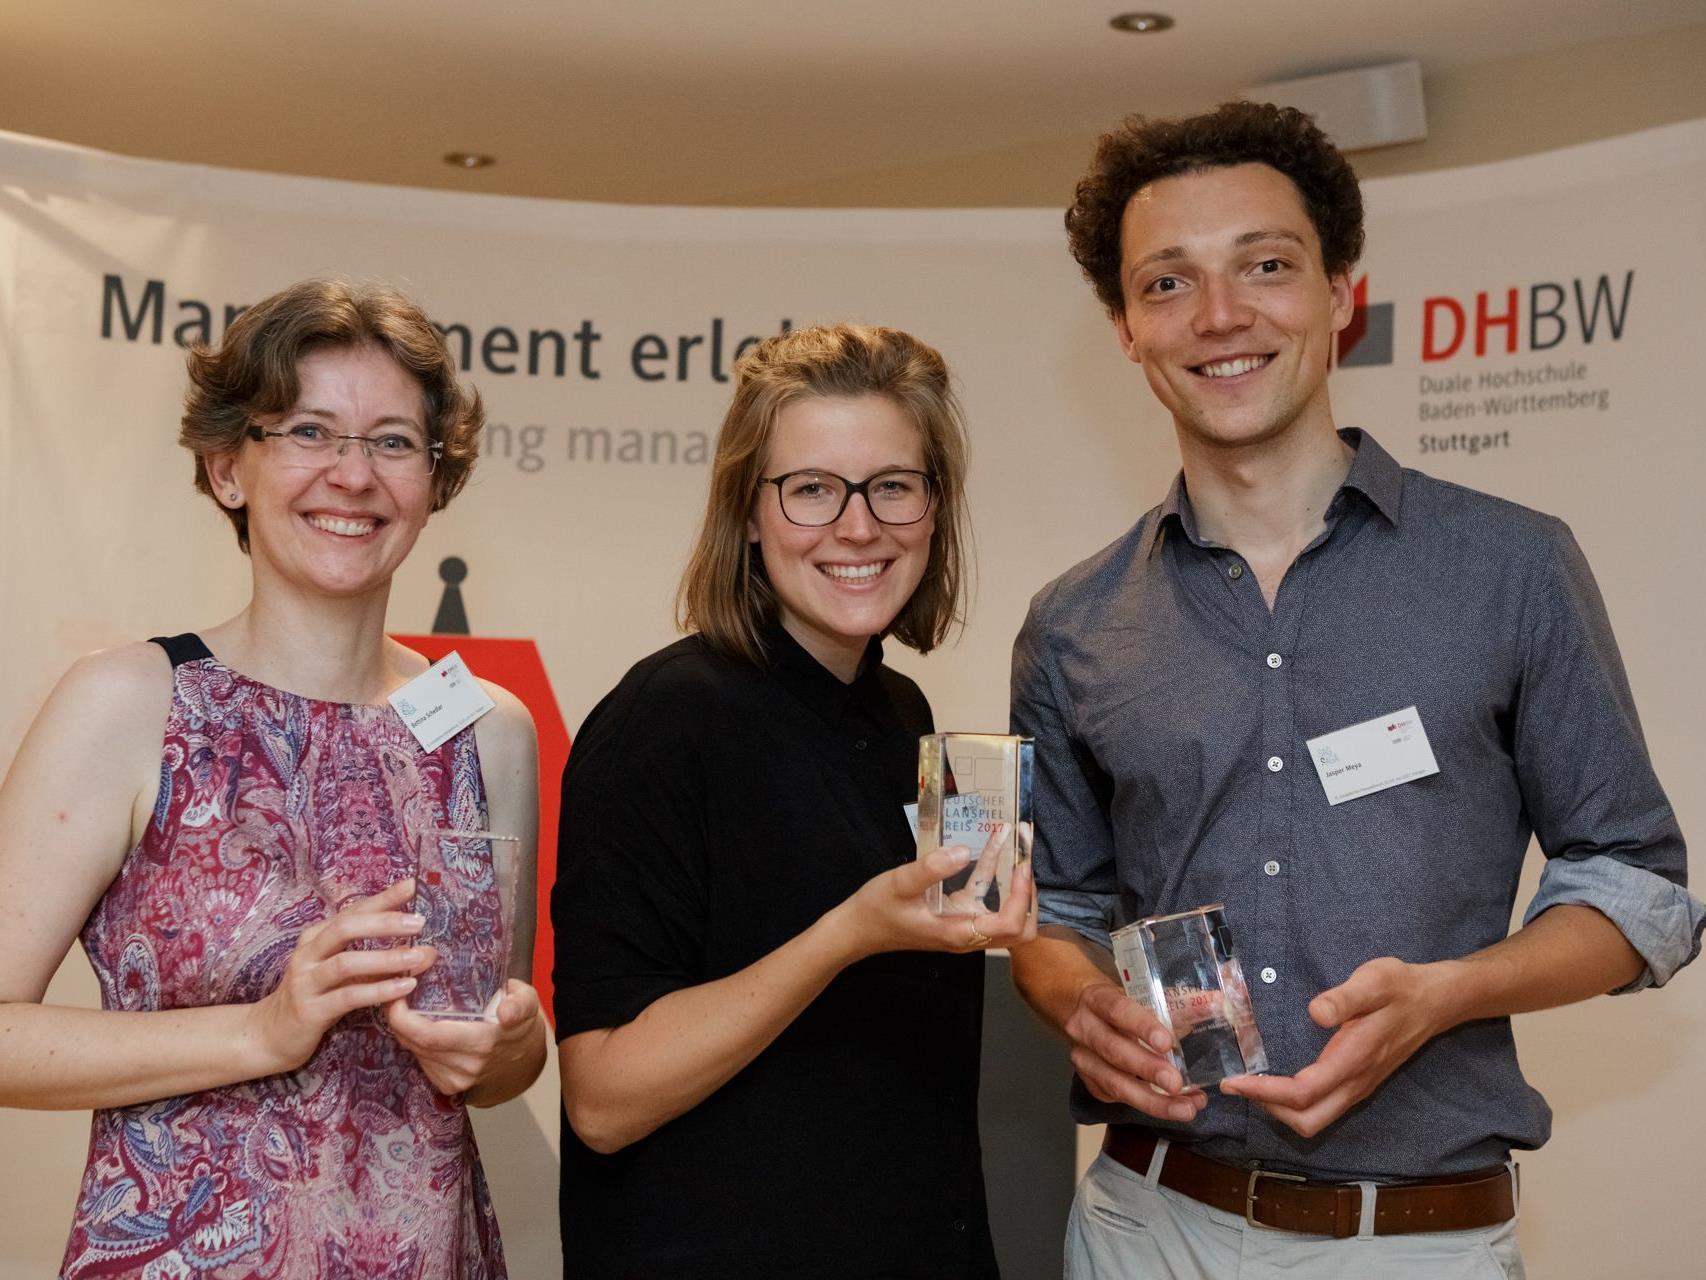 Die Preise gingen an Linda Dowidat von der FH Aachen (1. Platz, Mitte), Bettina Schedler von der FH Vorarlberg (2. Platz, links) und Jasper Nikolaus Meya von der Universität Bremen (rechts).